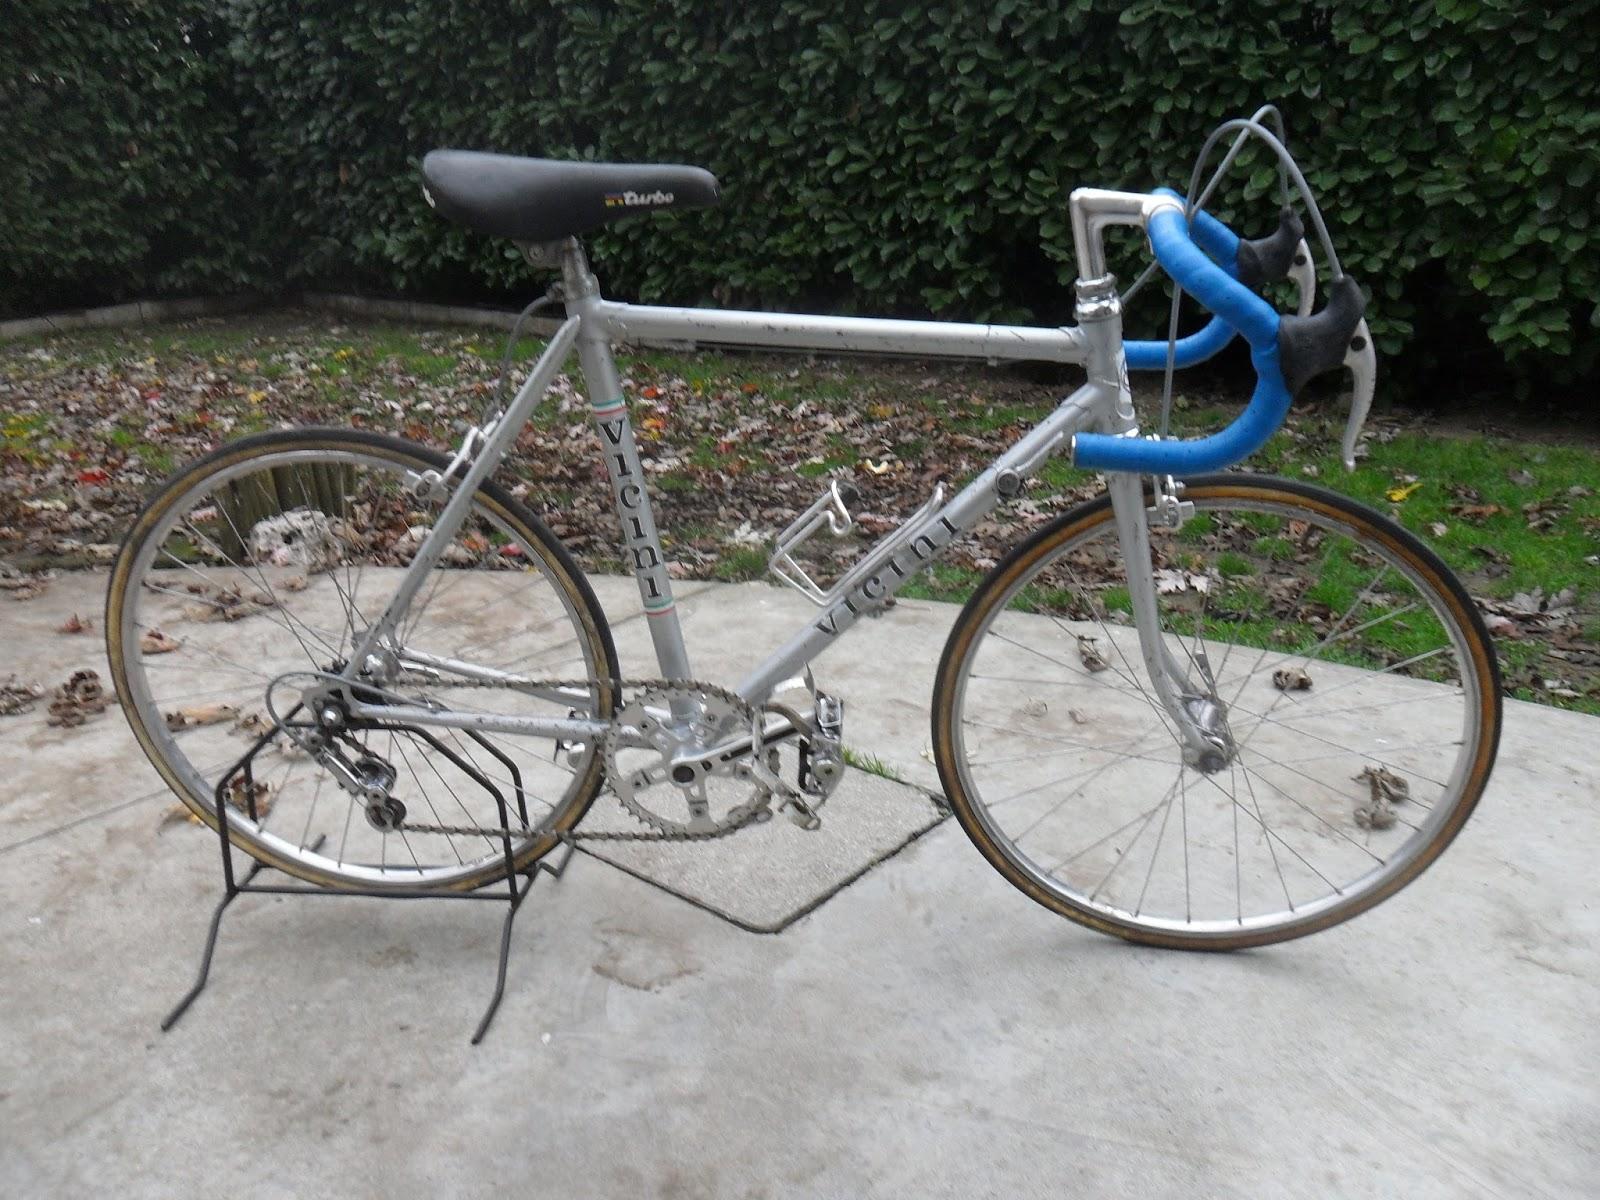 Biciclette Epoca By Vallo64 Vicini Corsa Bimbo Anni 60 70